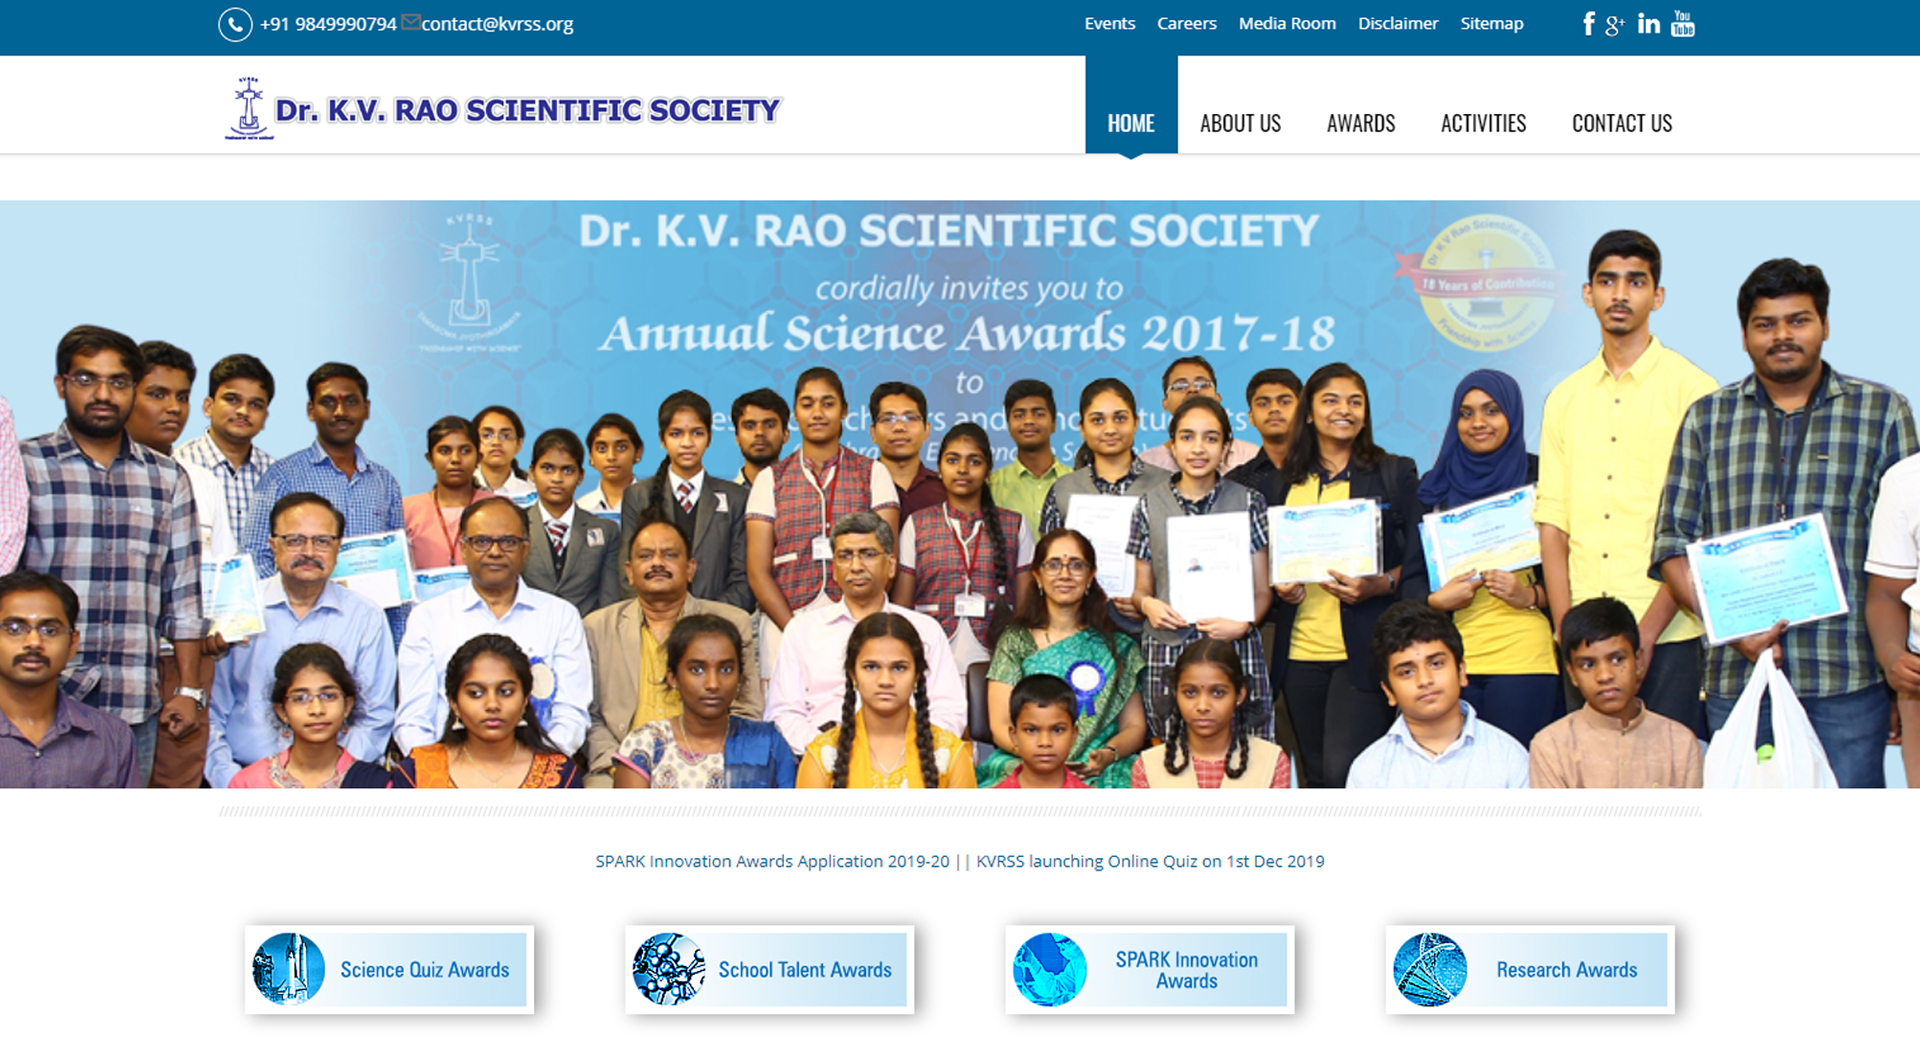 KV Rao Scientific Society